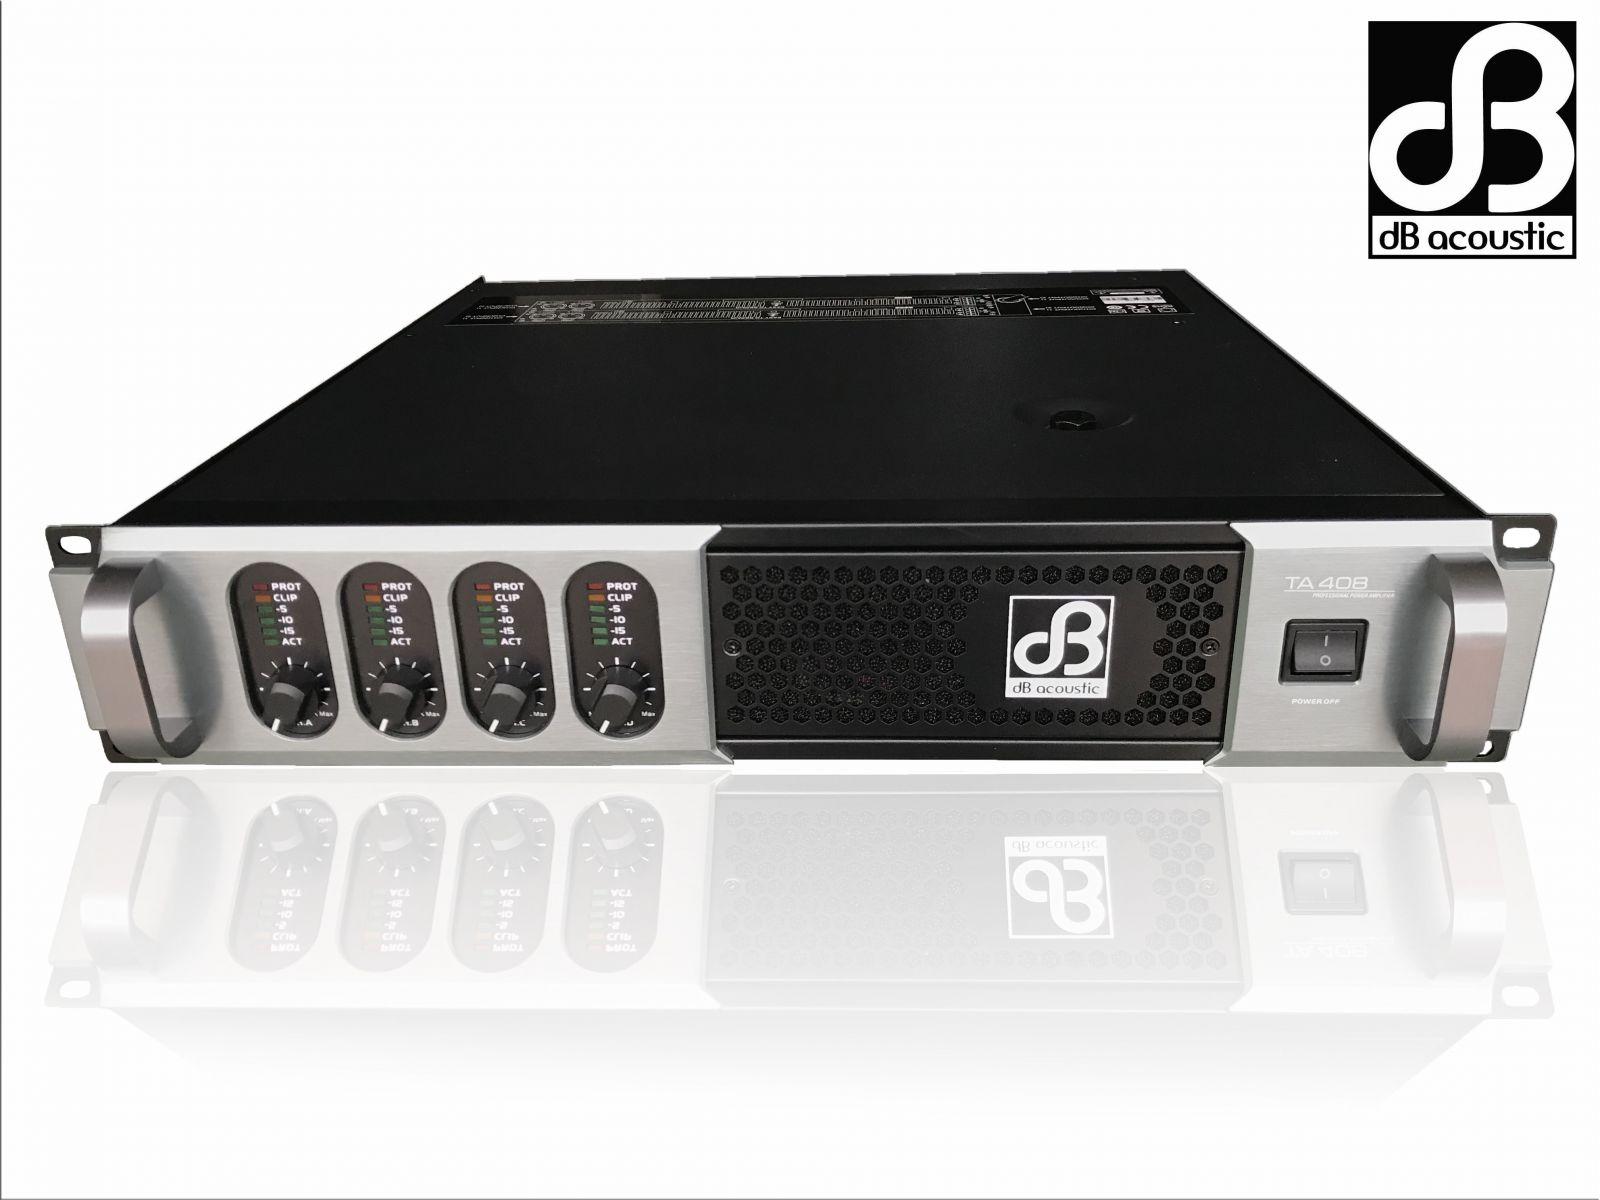 Cục đẩy công suất 4 kênh dBacoustic TA408